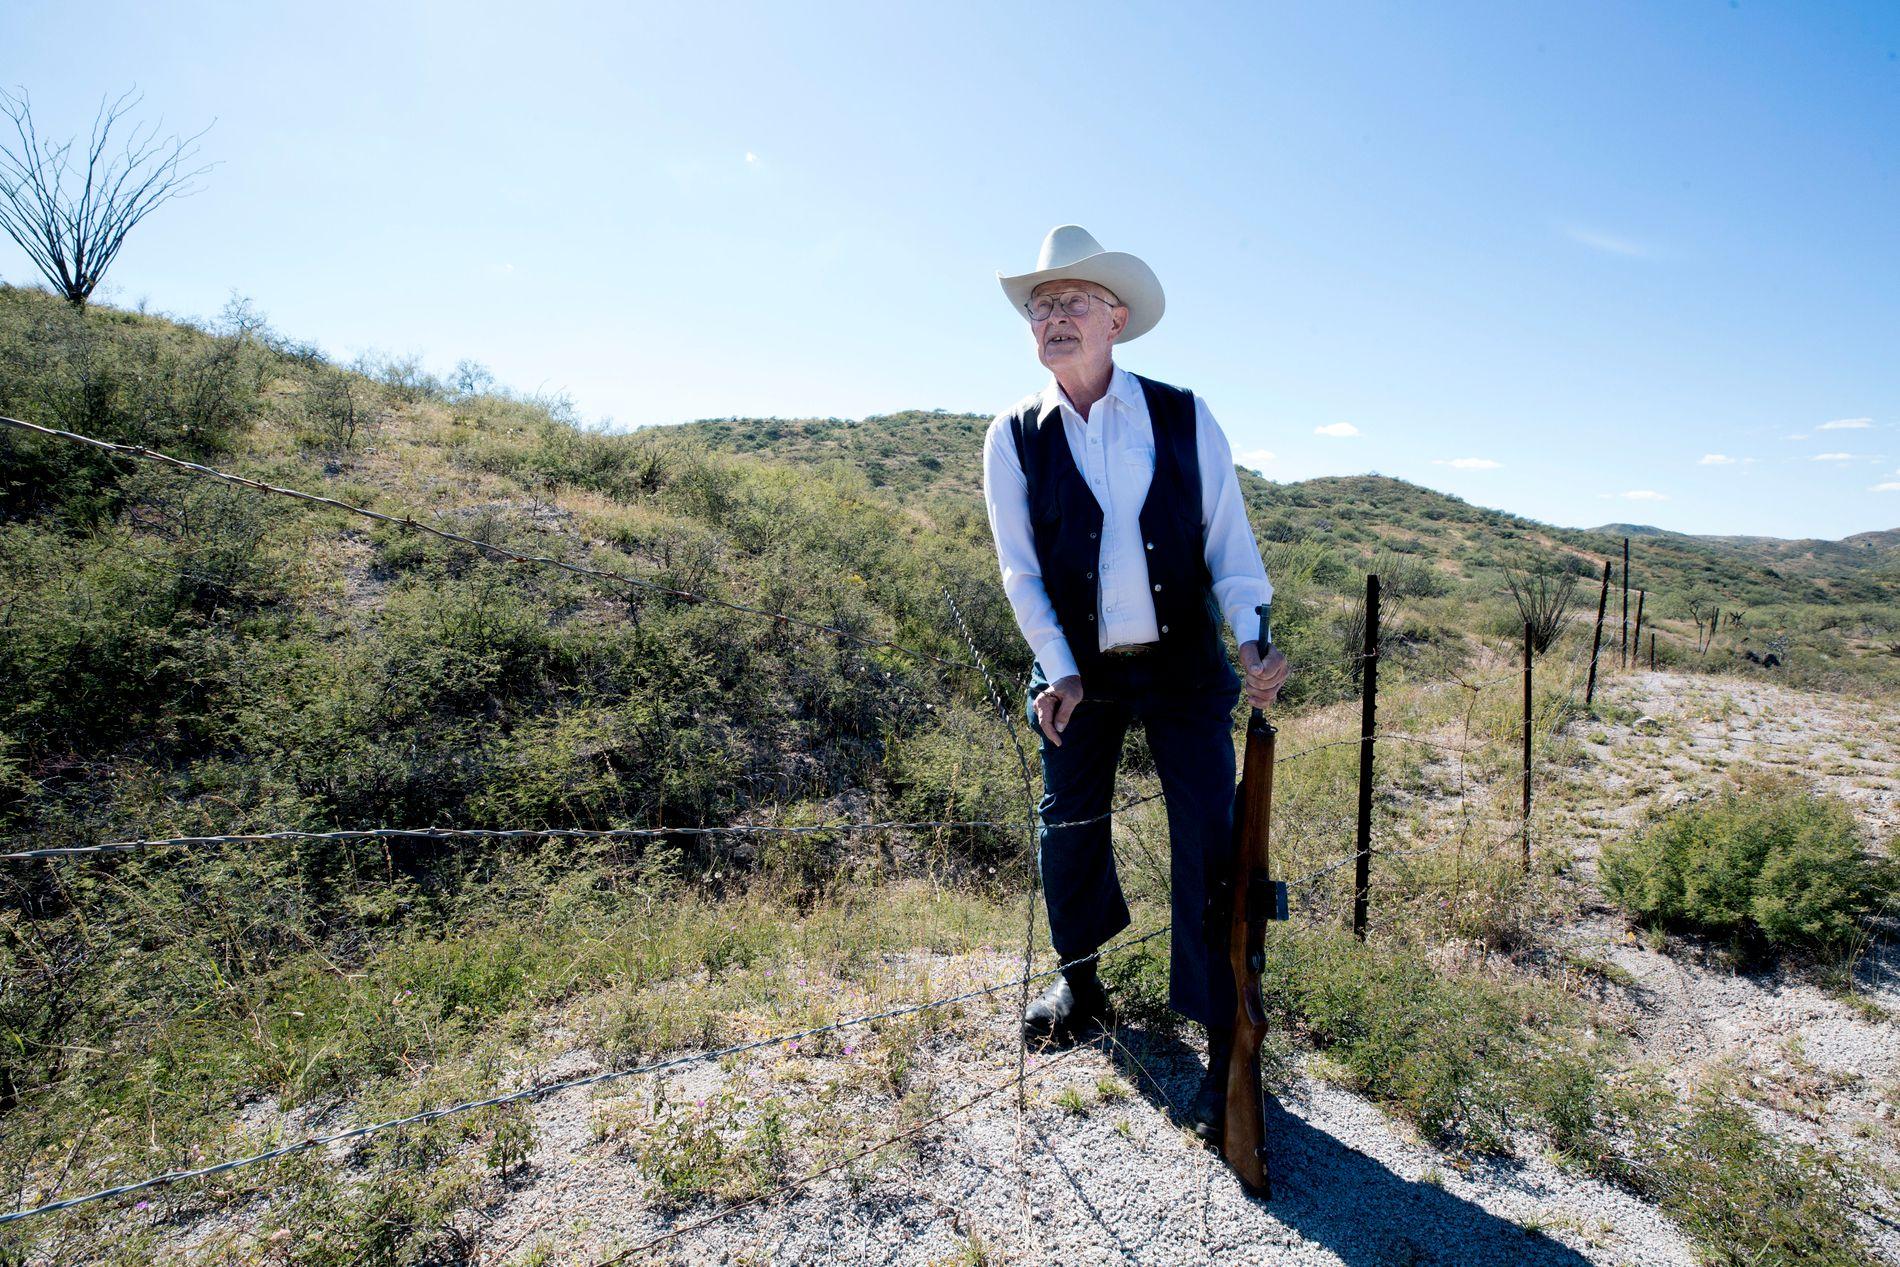 EN FOT I BEGGE LEIRE: Jim Chilton er 79 år gammel, men har ingen problemer med å passere grensen på noen få sekunder.